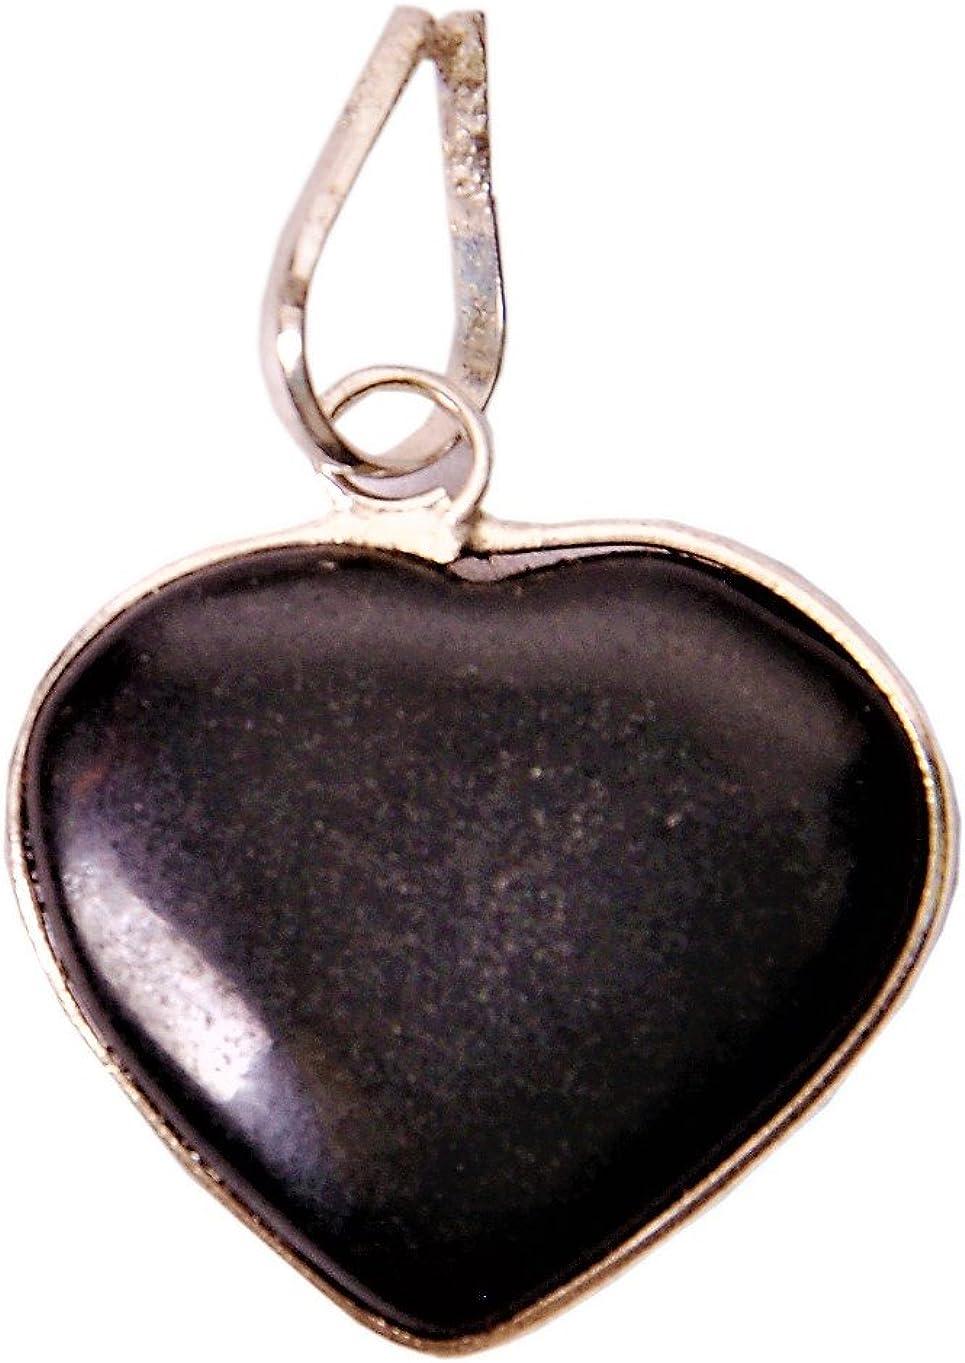 Colgante de corazón de ágata negra de Purpledip para collar: Reiki Energized Natural Crystal Good Luck Charm (11336)